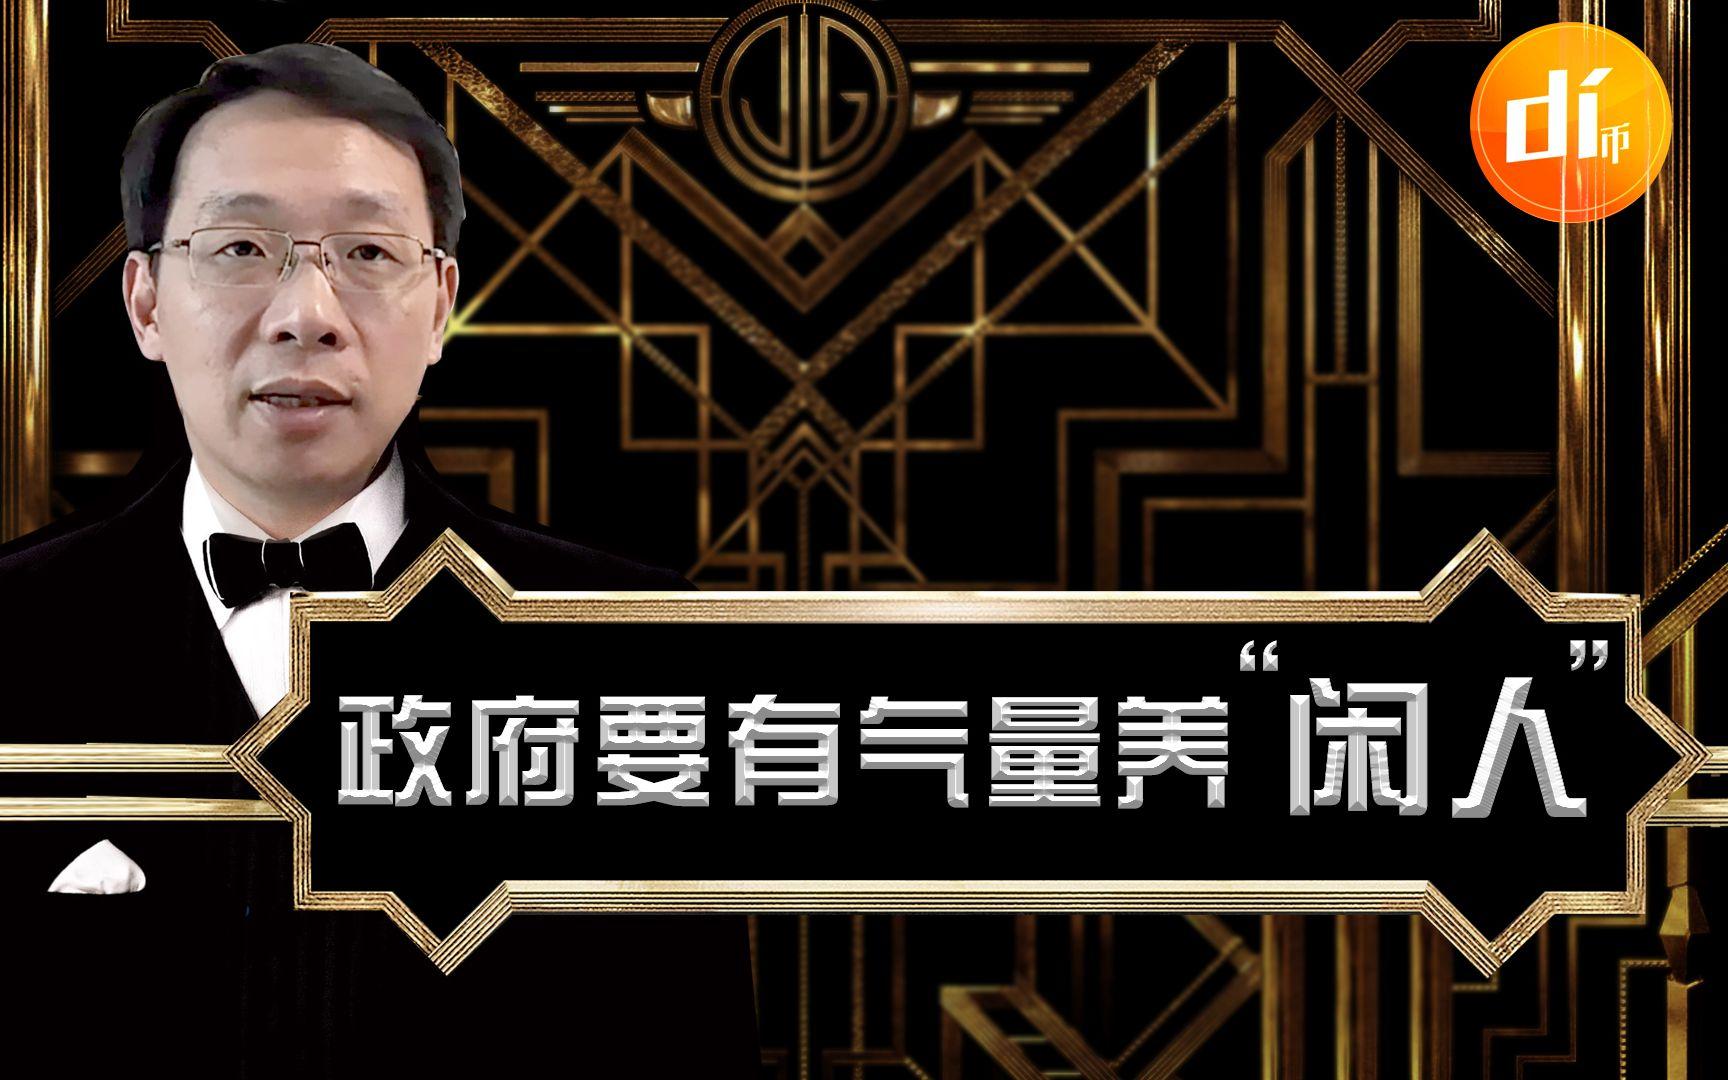 【政经启翟】雄安,你就是中国的学园都市了!